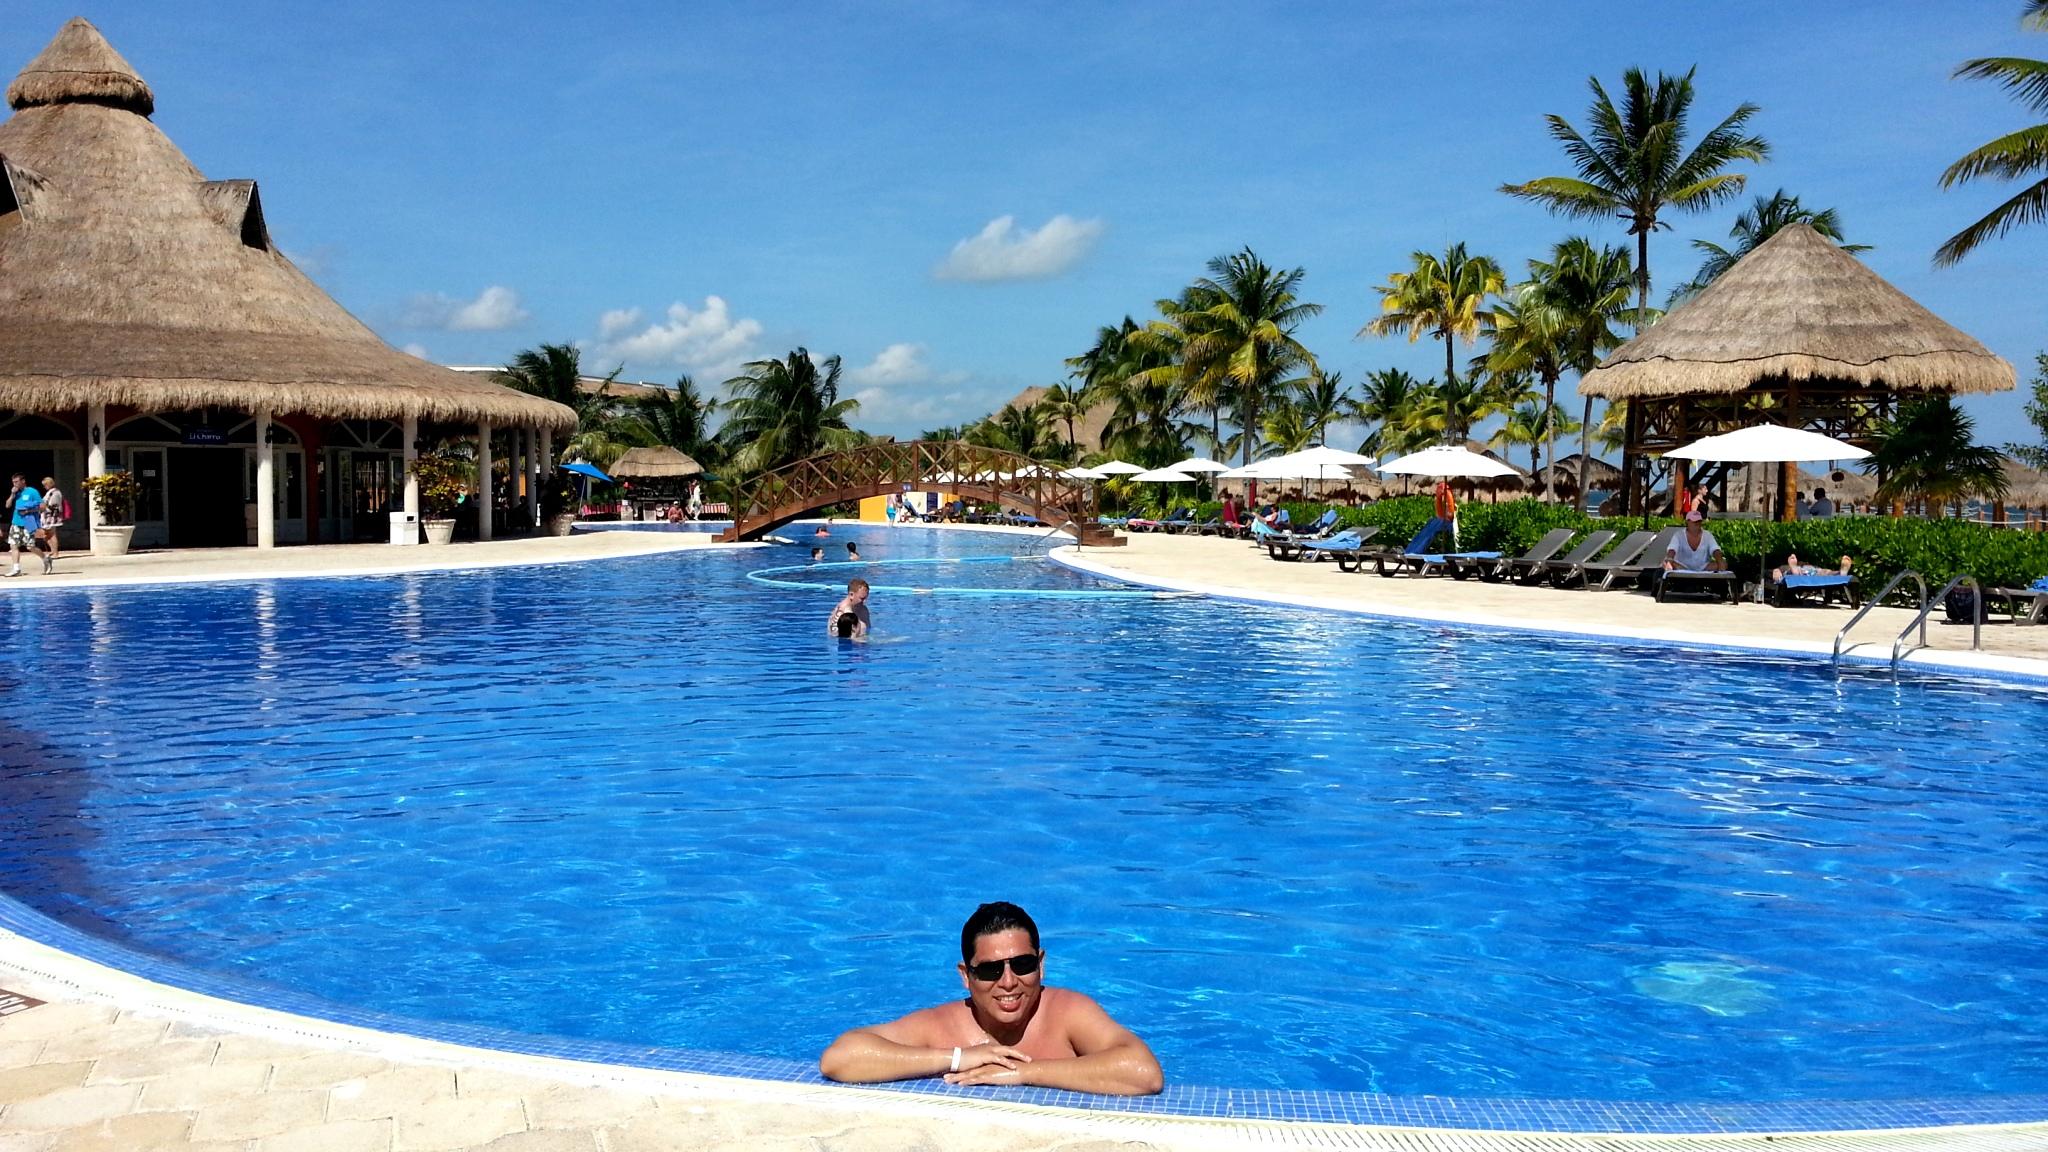 Cuanto vale una piscina excellent piscina de poliester for Cuanto cuesta construir una piscina en colombia